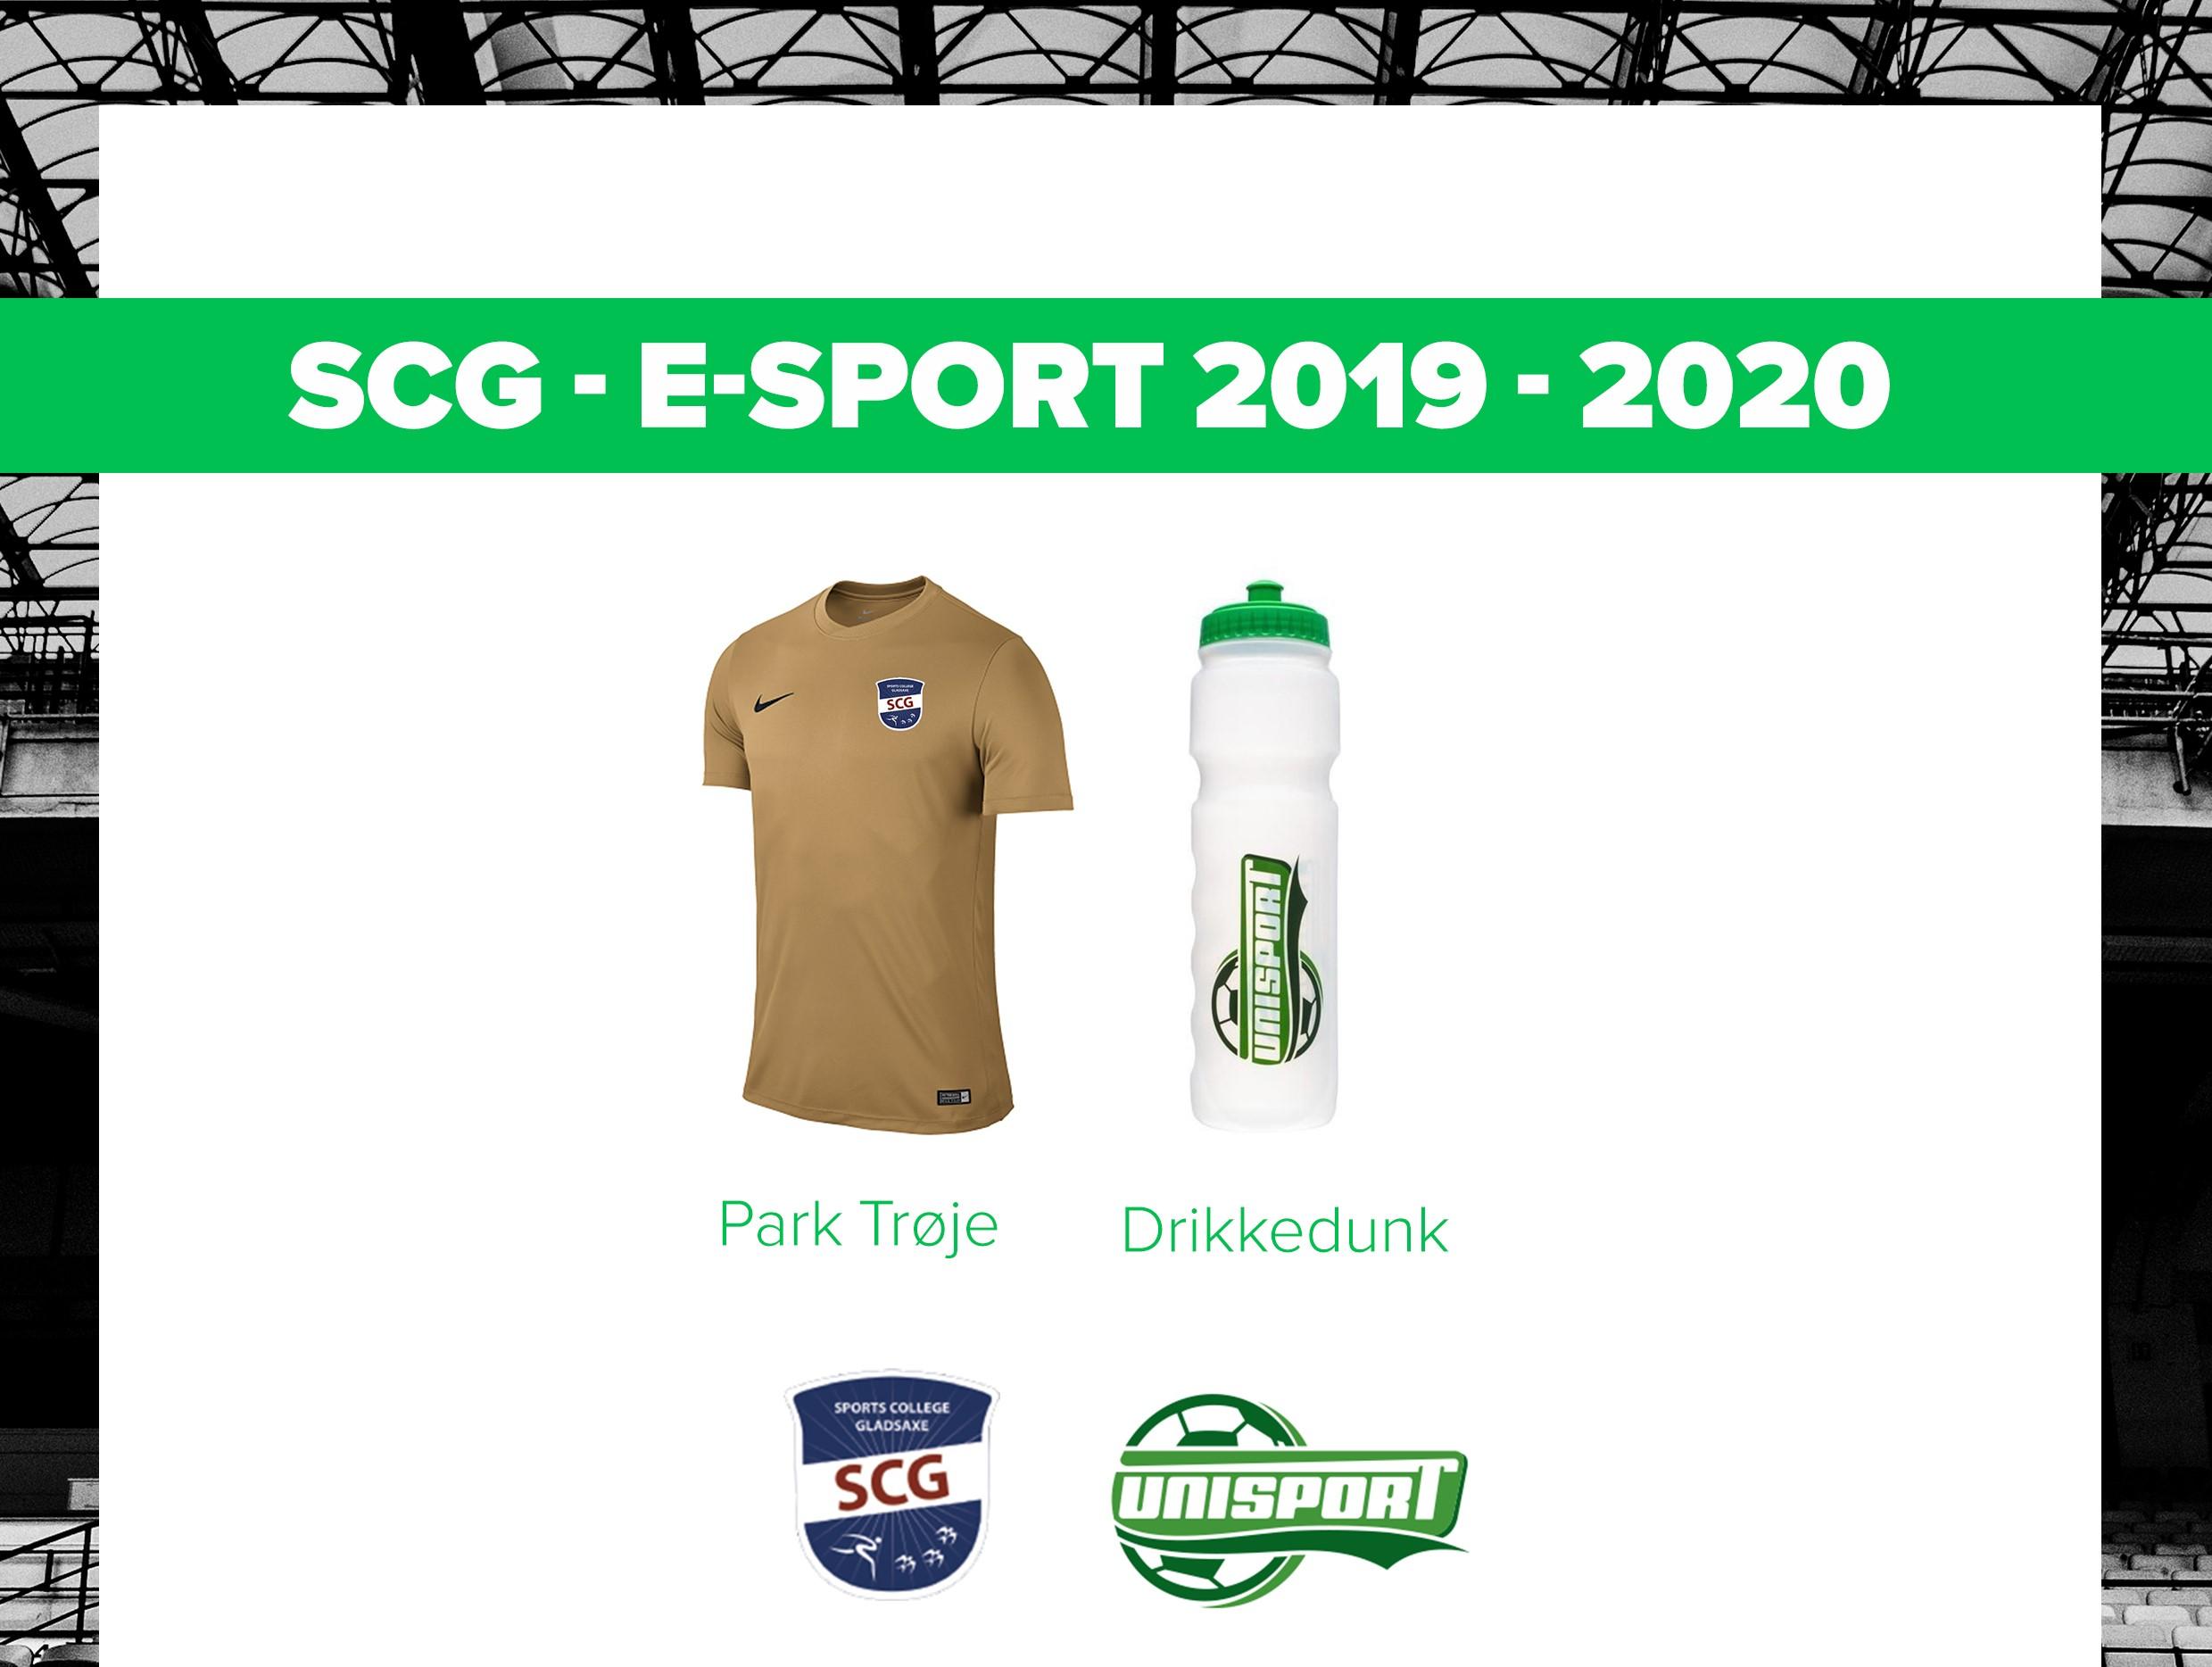 SCG E-sport